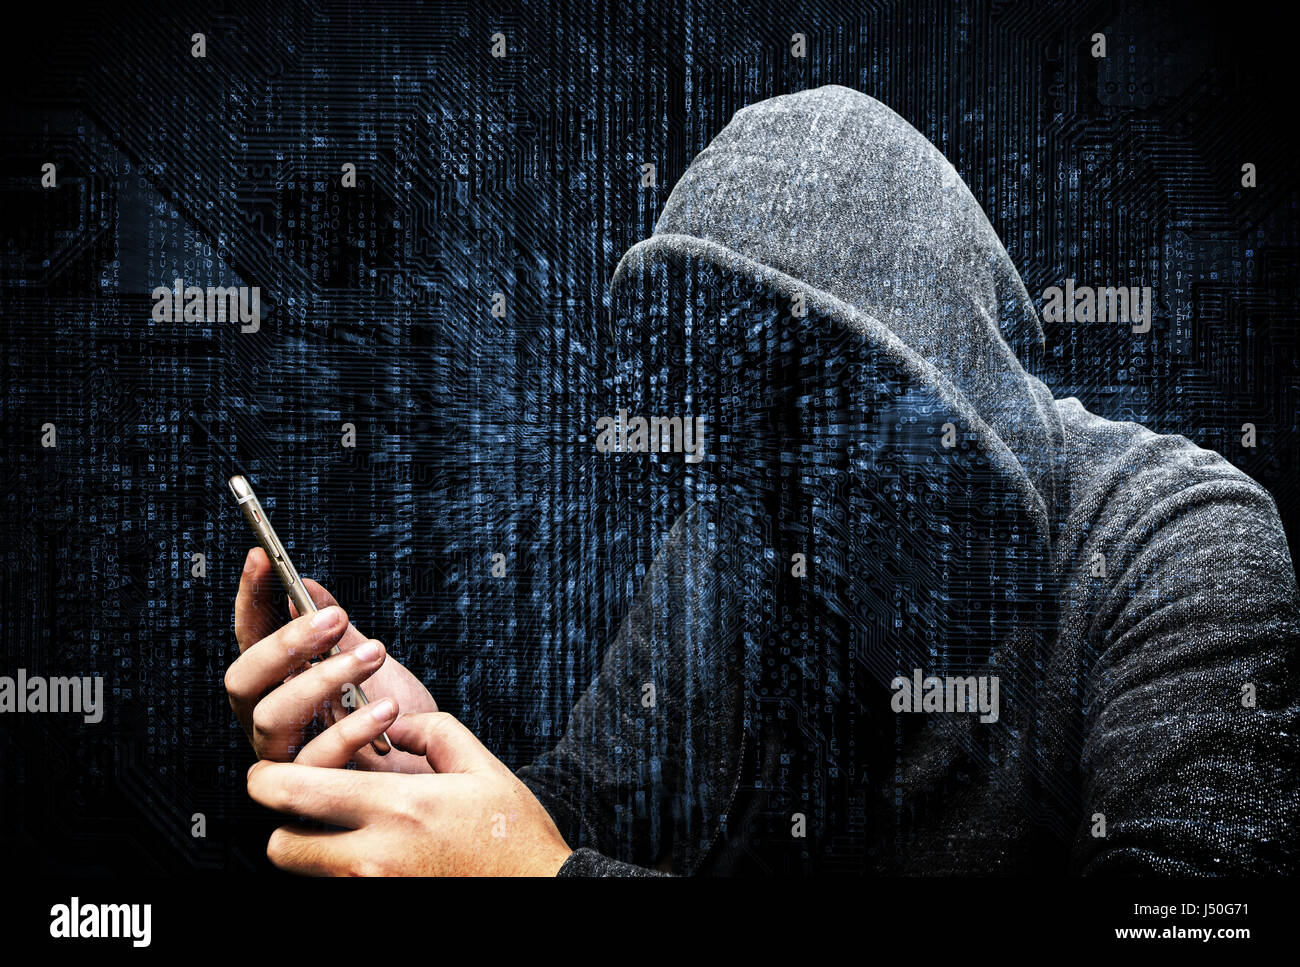 Doppelbelichtung von vermummten Cyber-Kriminalität Hacker mit Handy Internet hacking in den Cyberspace, Online-Daten Stockfoto